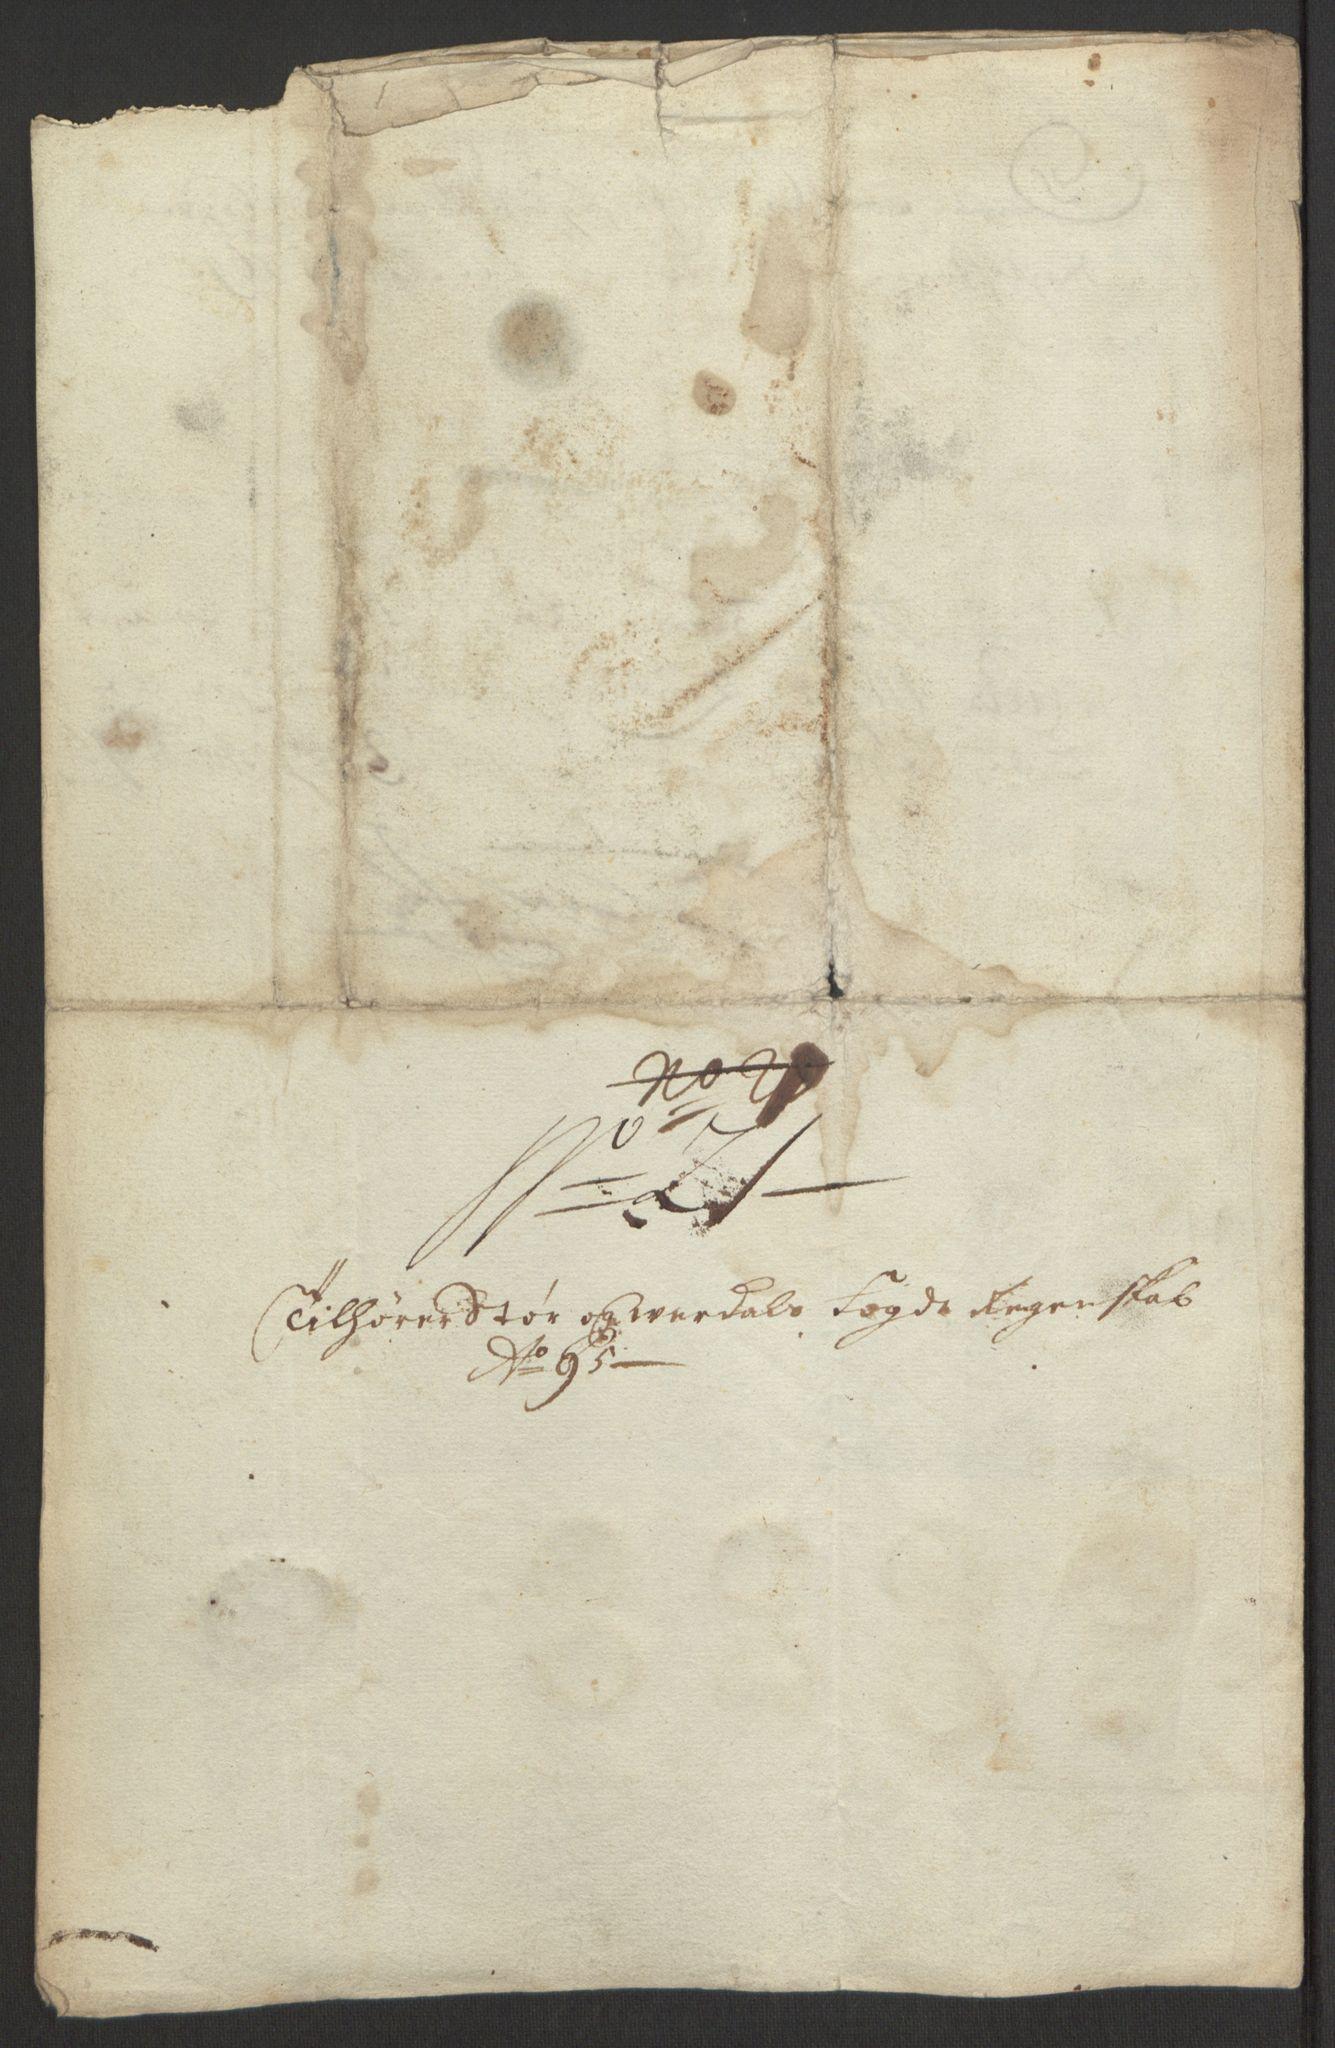 RA, Rentekammeret inntil 1814, Reviderte regnskaper, Fogderegnskap, R62/L4187: Fogderegnskap Stjørdal og Verdal, 1695, s. 227